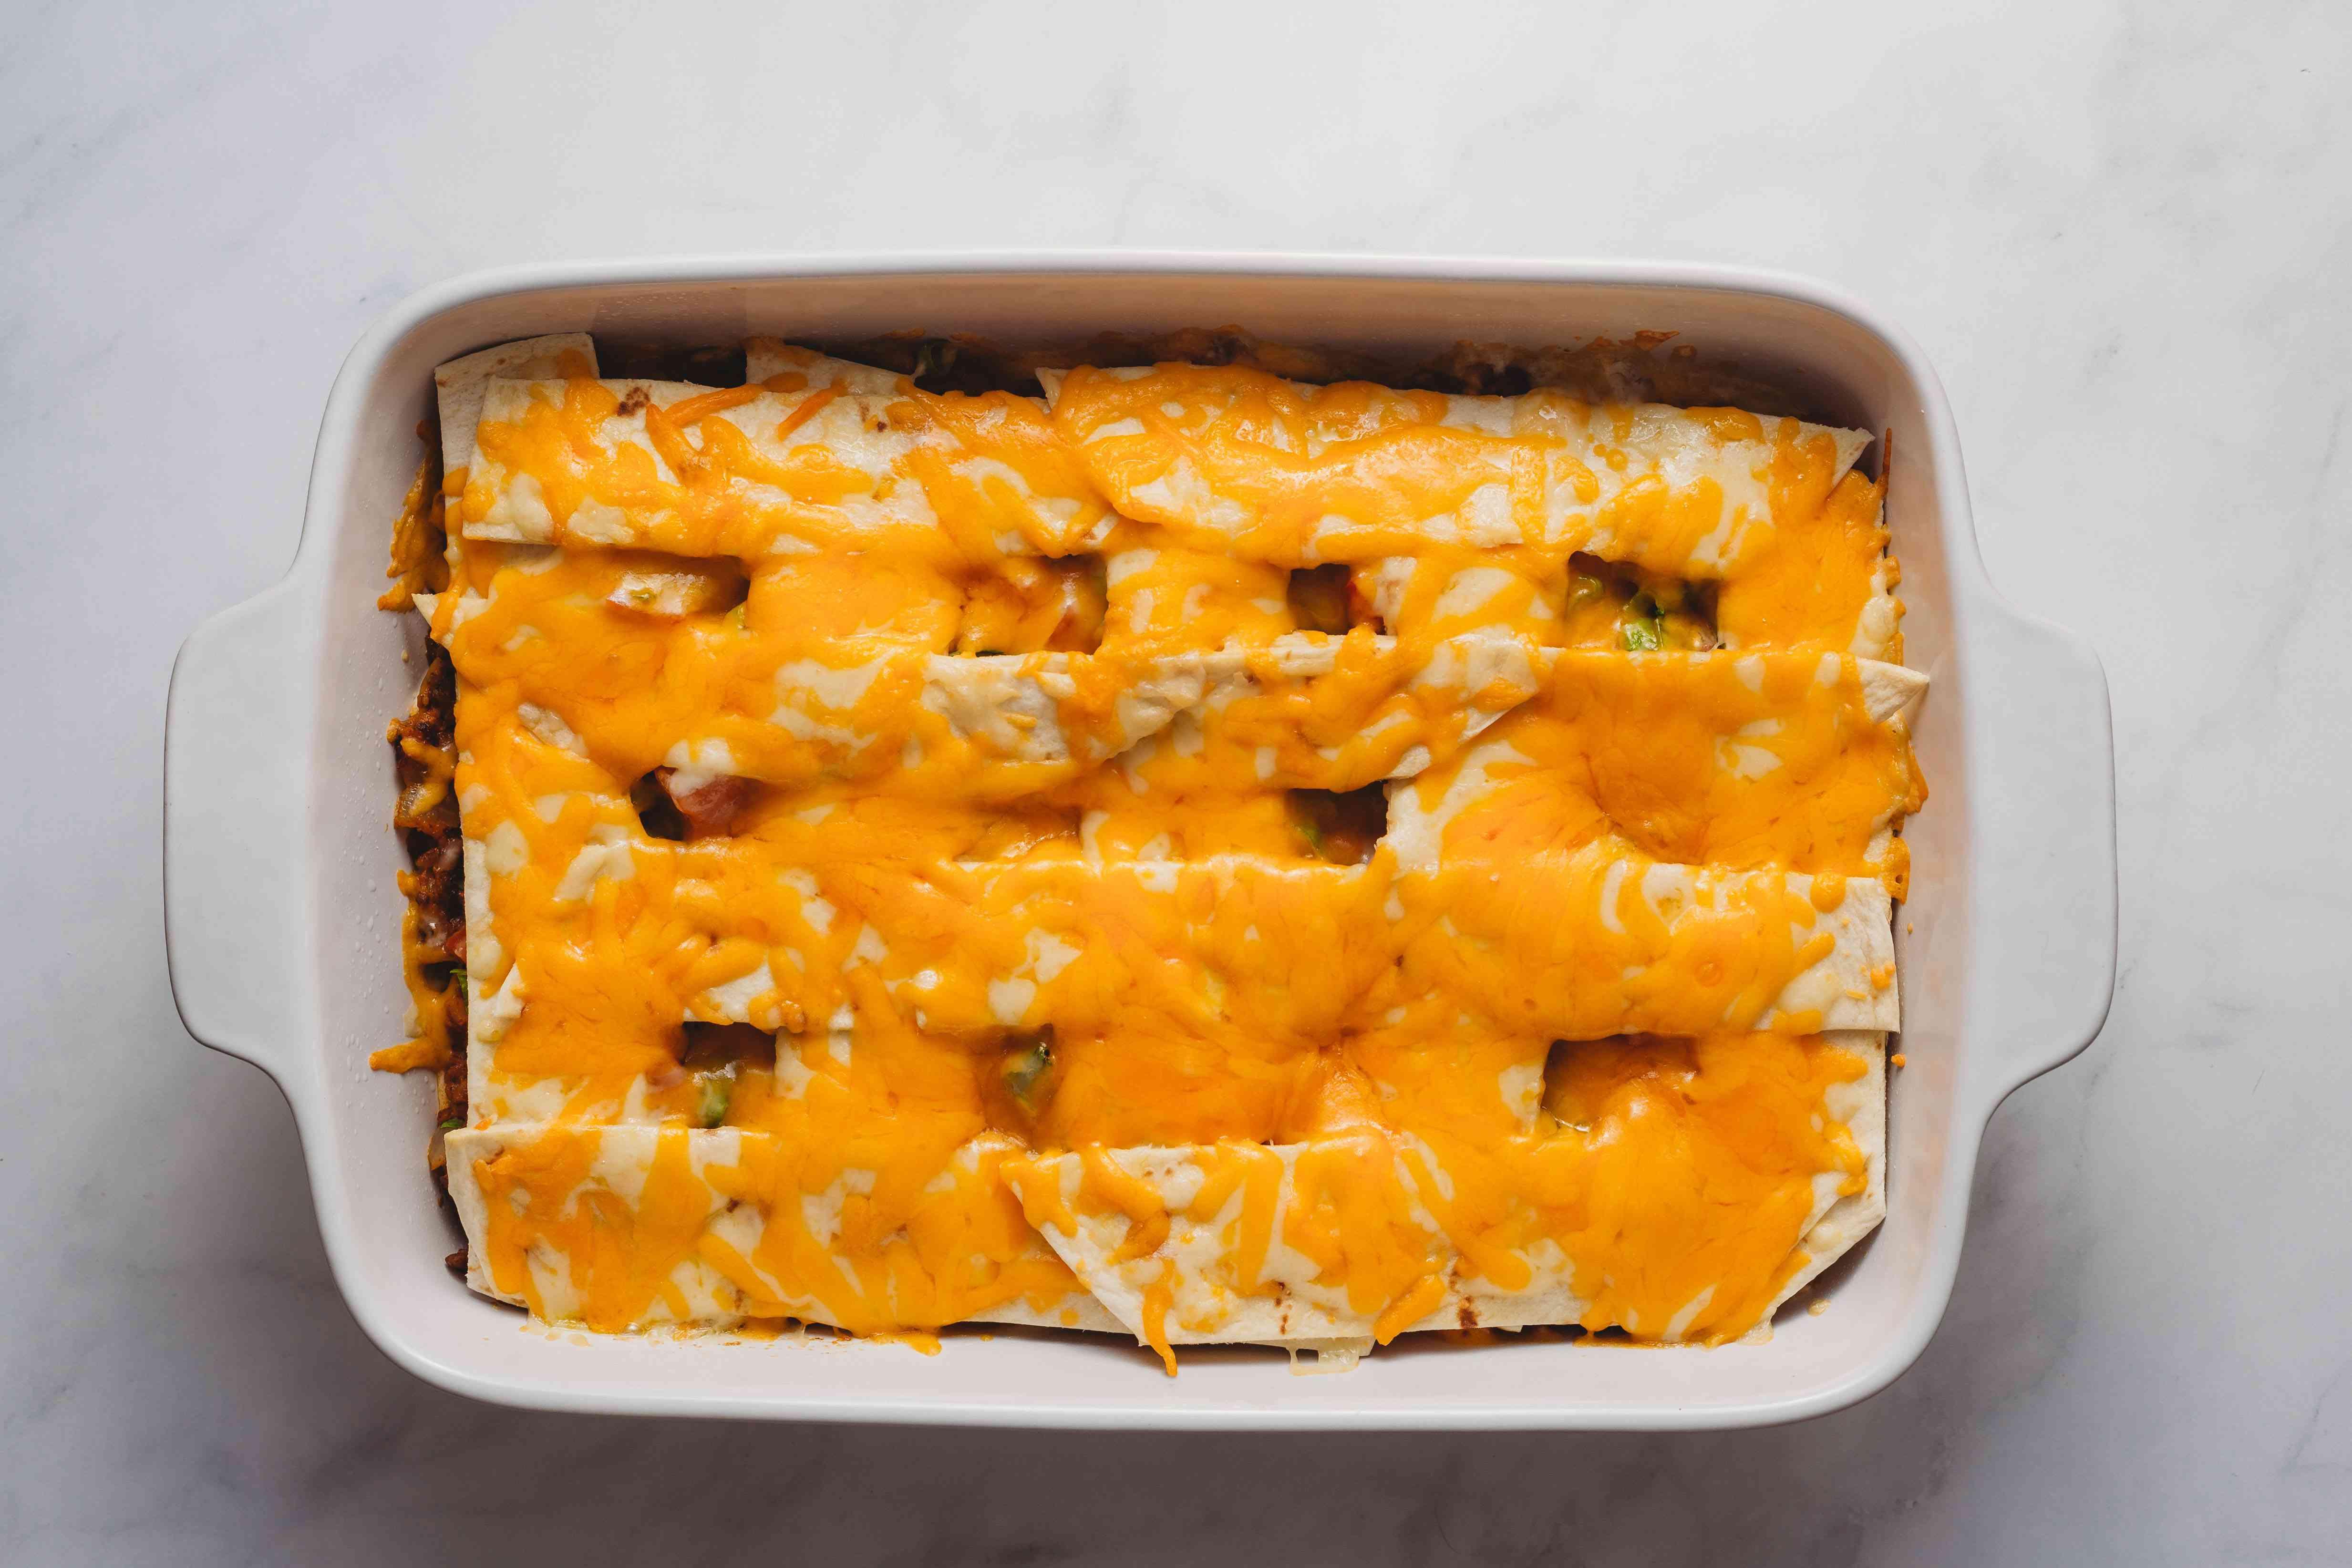 Easy Burrito Casserole in a baking dish